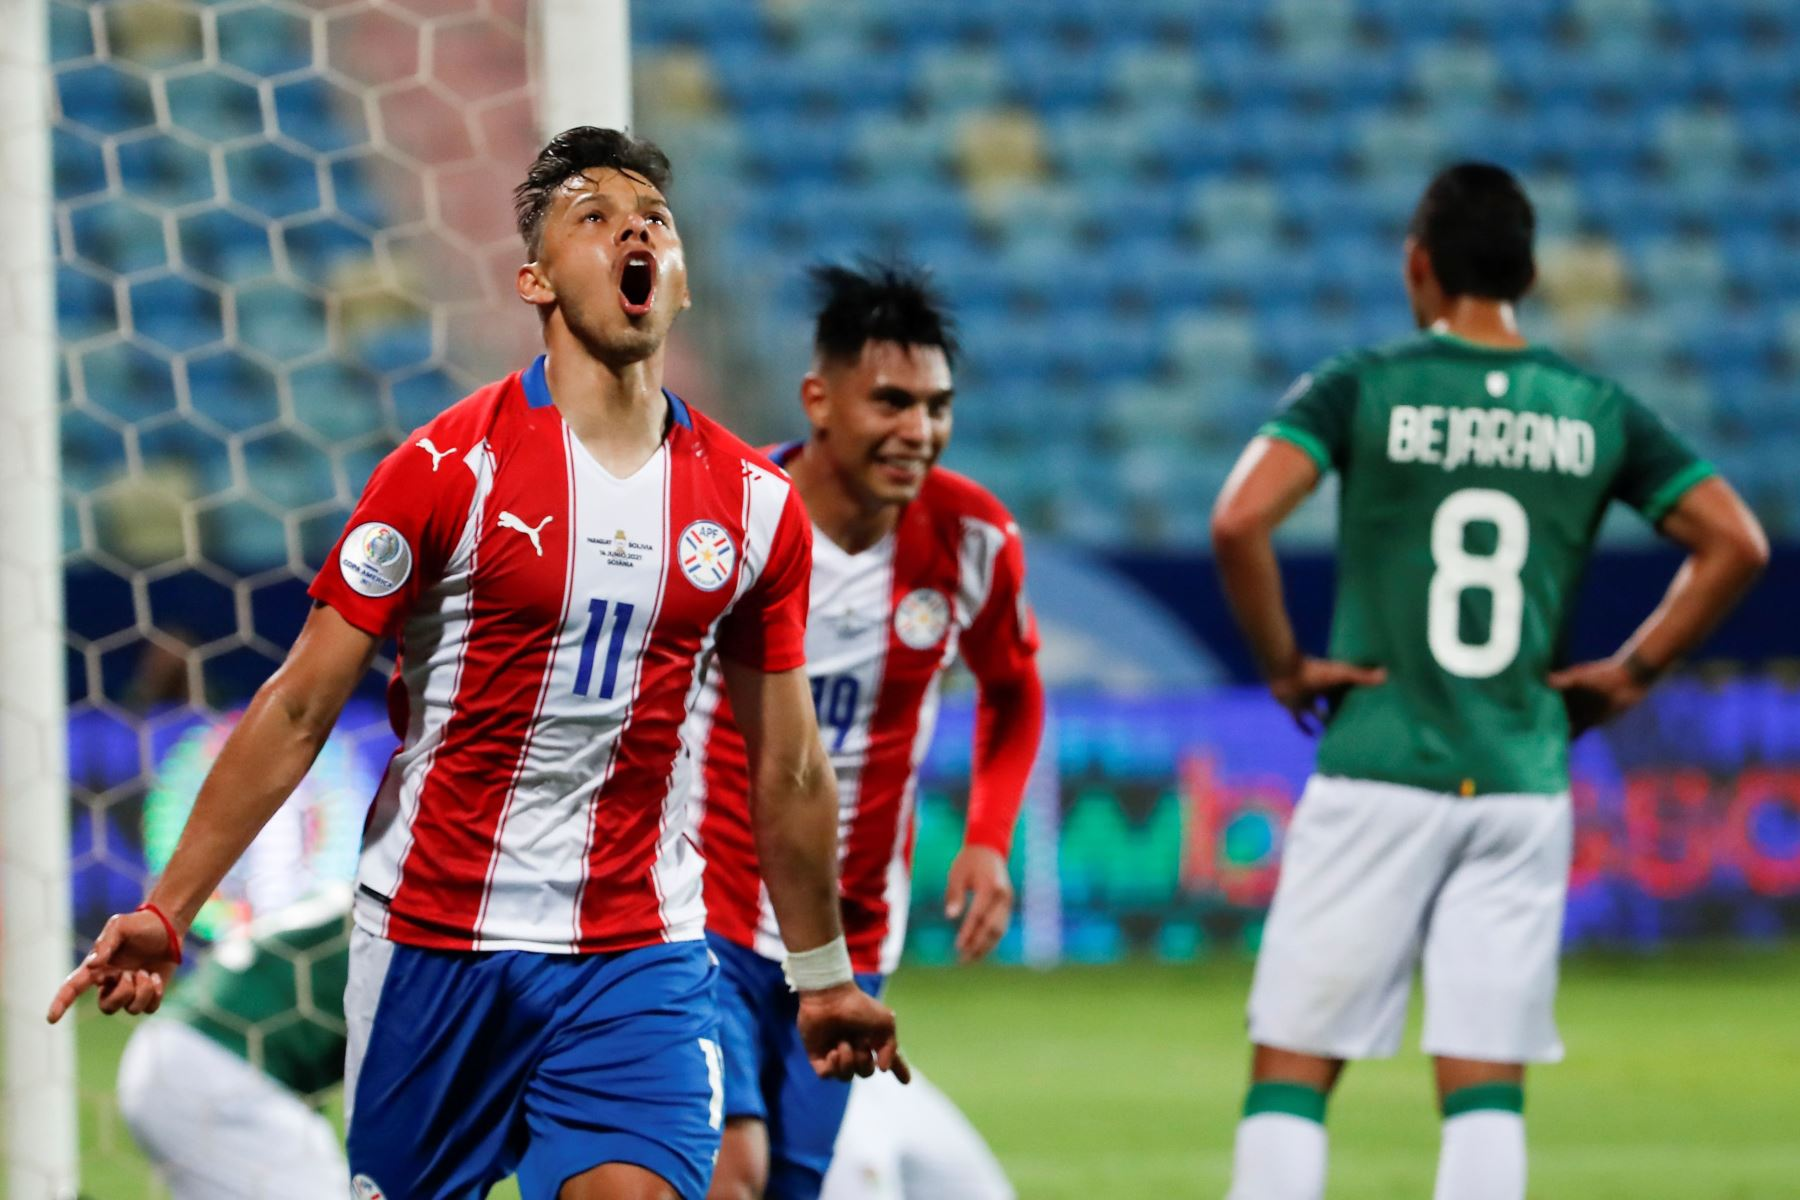 Ángel Romero de Paraguay celebra un gol, en un partido del grupo B de la Copa América entre las selecciones de Paraguay y Bolivia en el estadio Olímpico en Goiania (Brasil). Foto: EFE